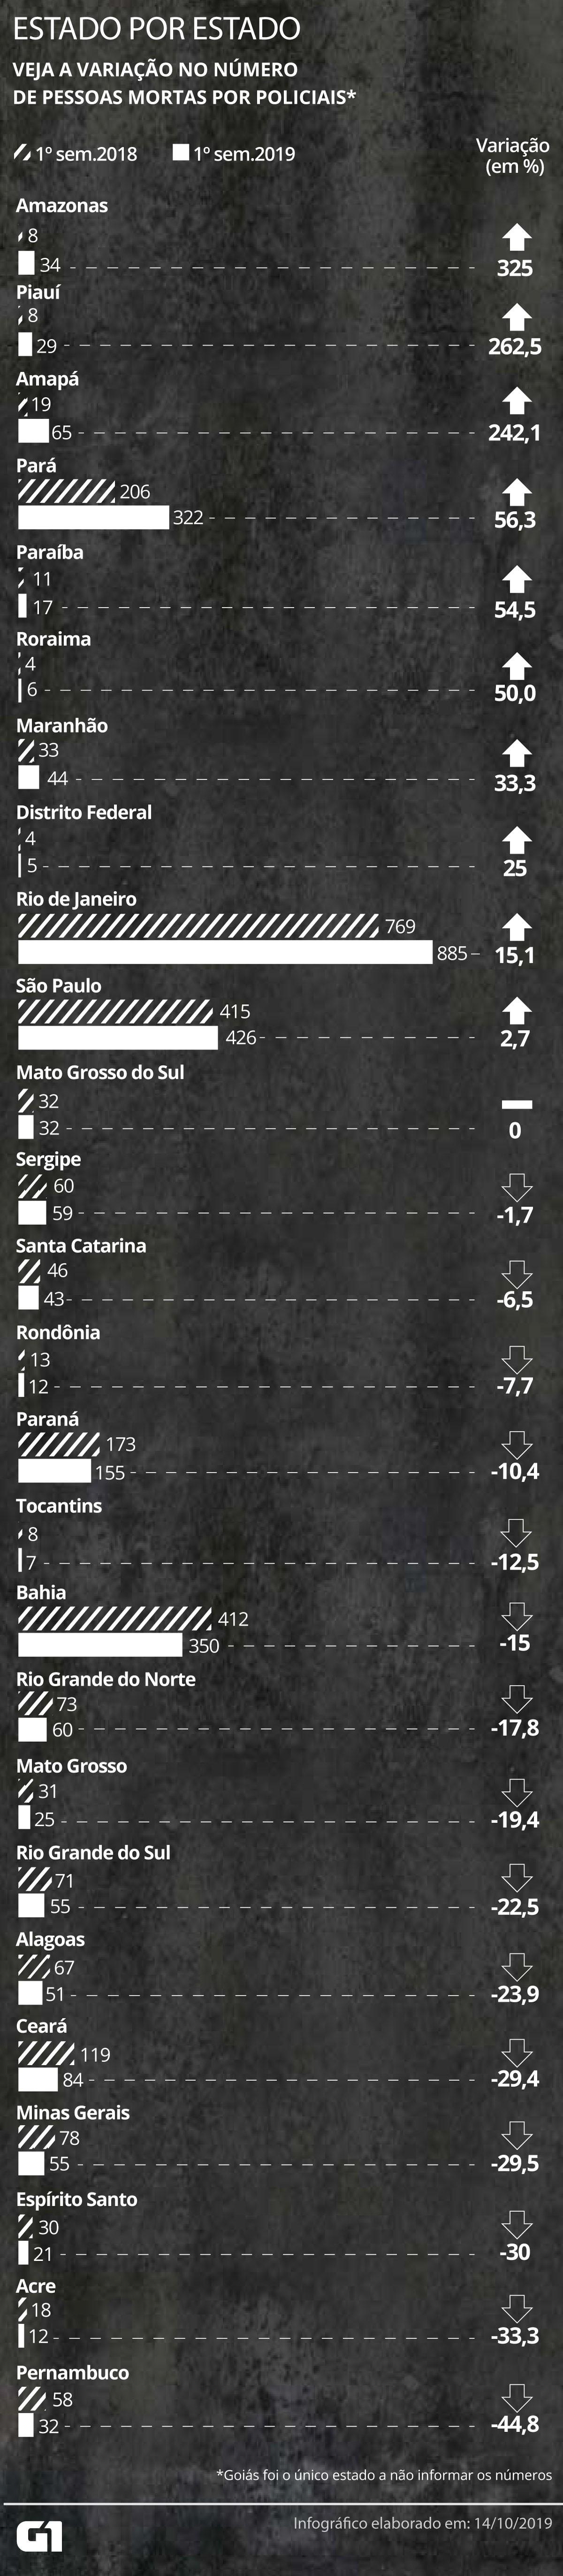 Monitor da Violência: Acre é 2º estado com menor nº de pessoas mortas pela polícia no 1º semestre - Notícias - Plantão Diário